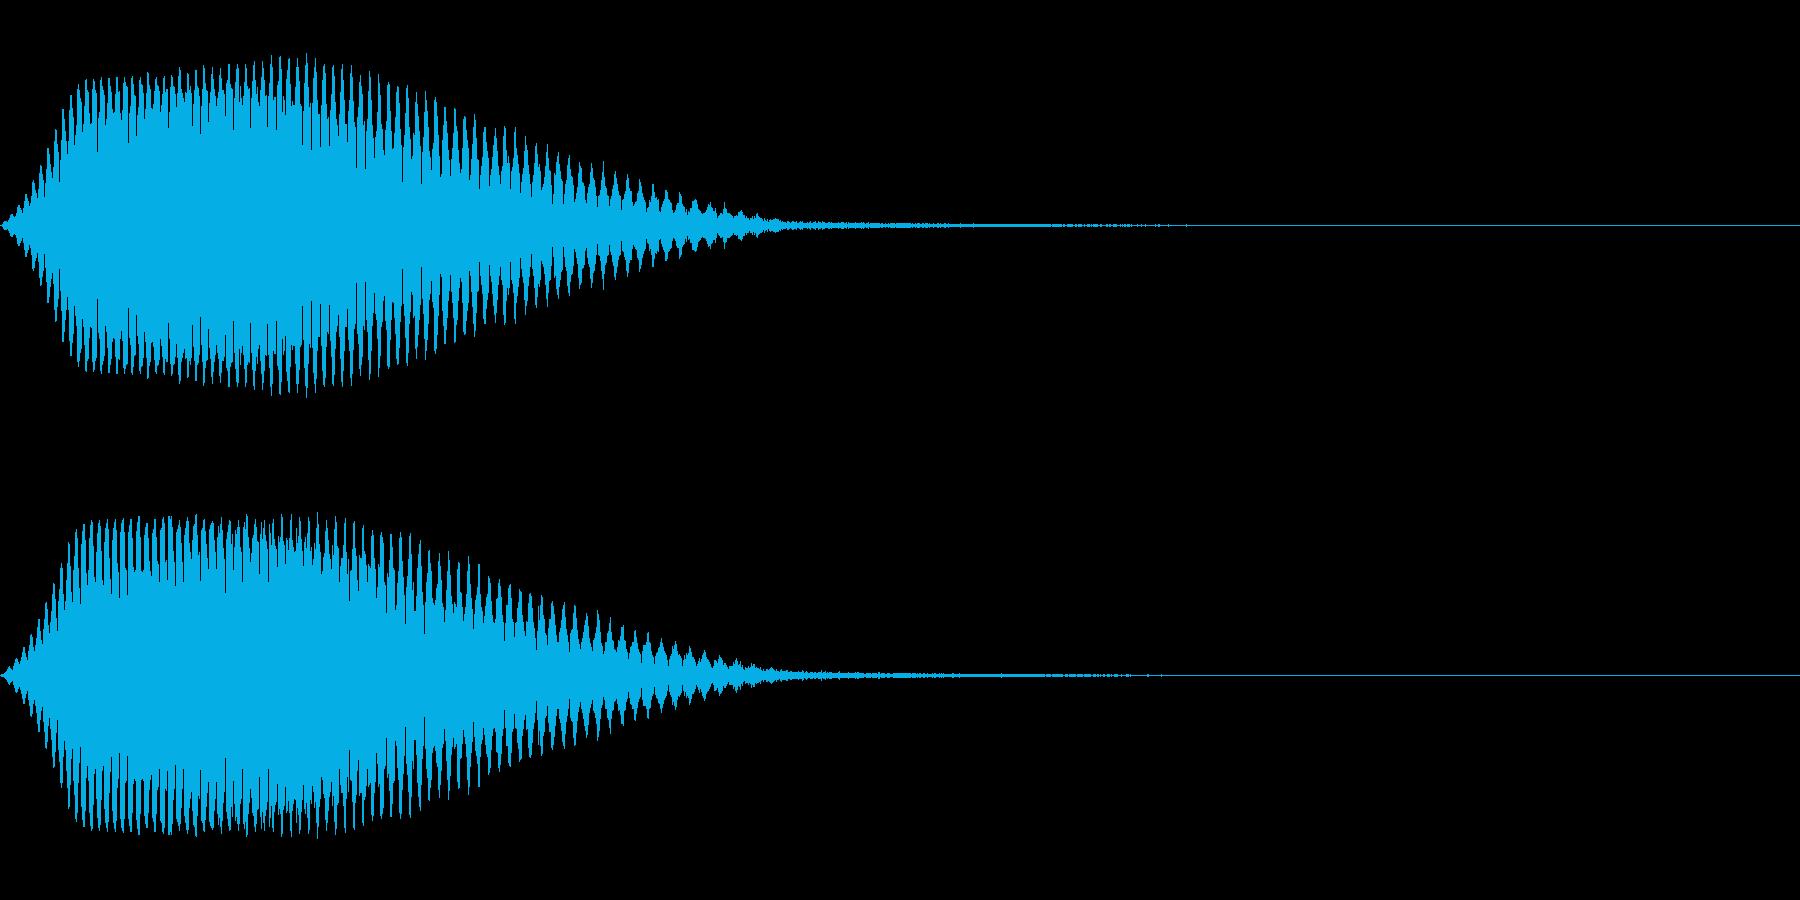 TVFX テレビ向けヒューン音 3の再生済みの波形